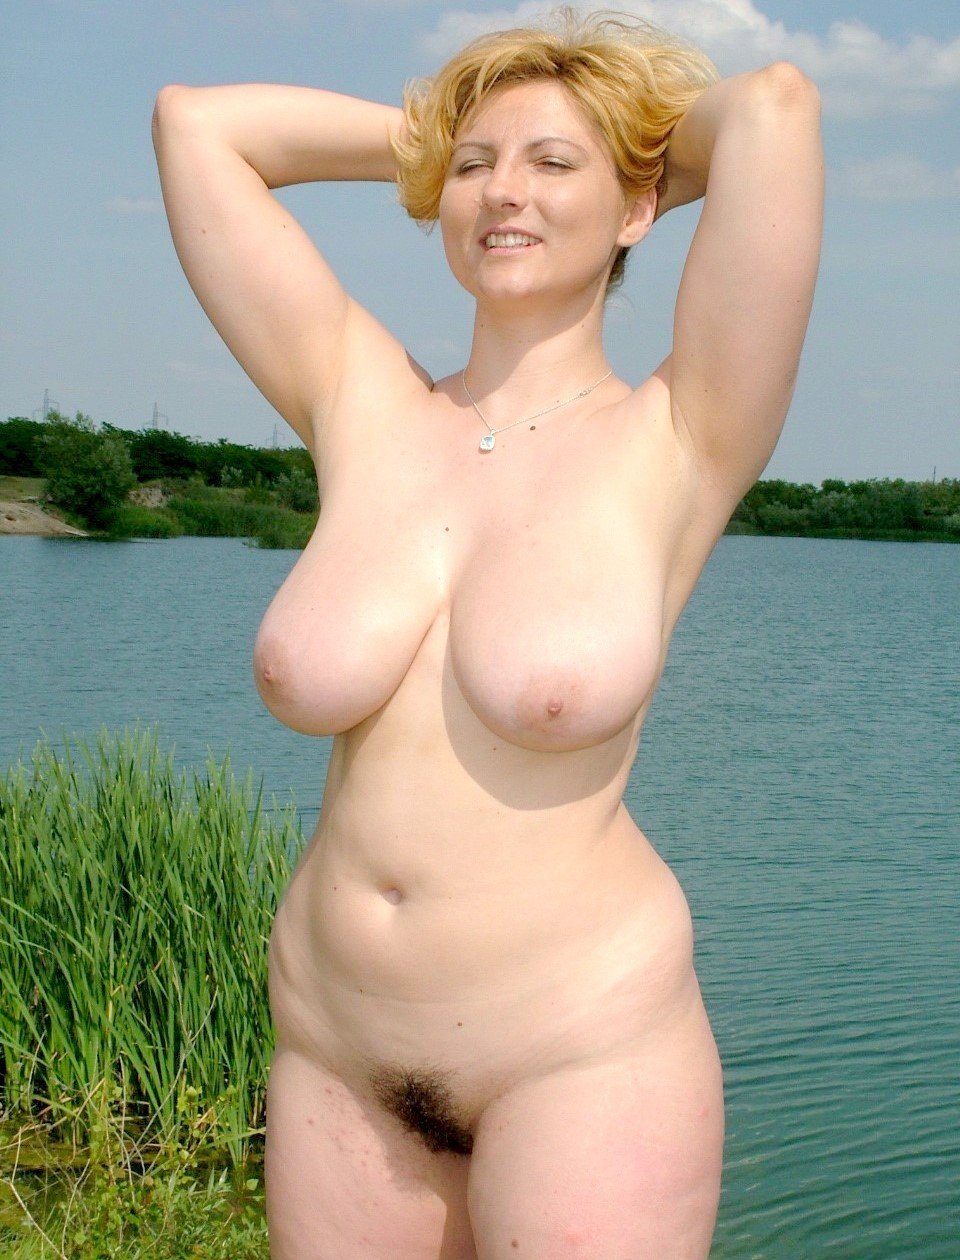 maman nue en photo sexe  146